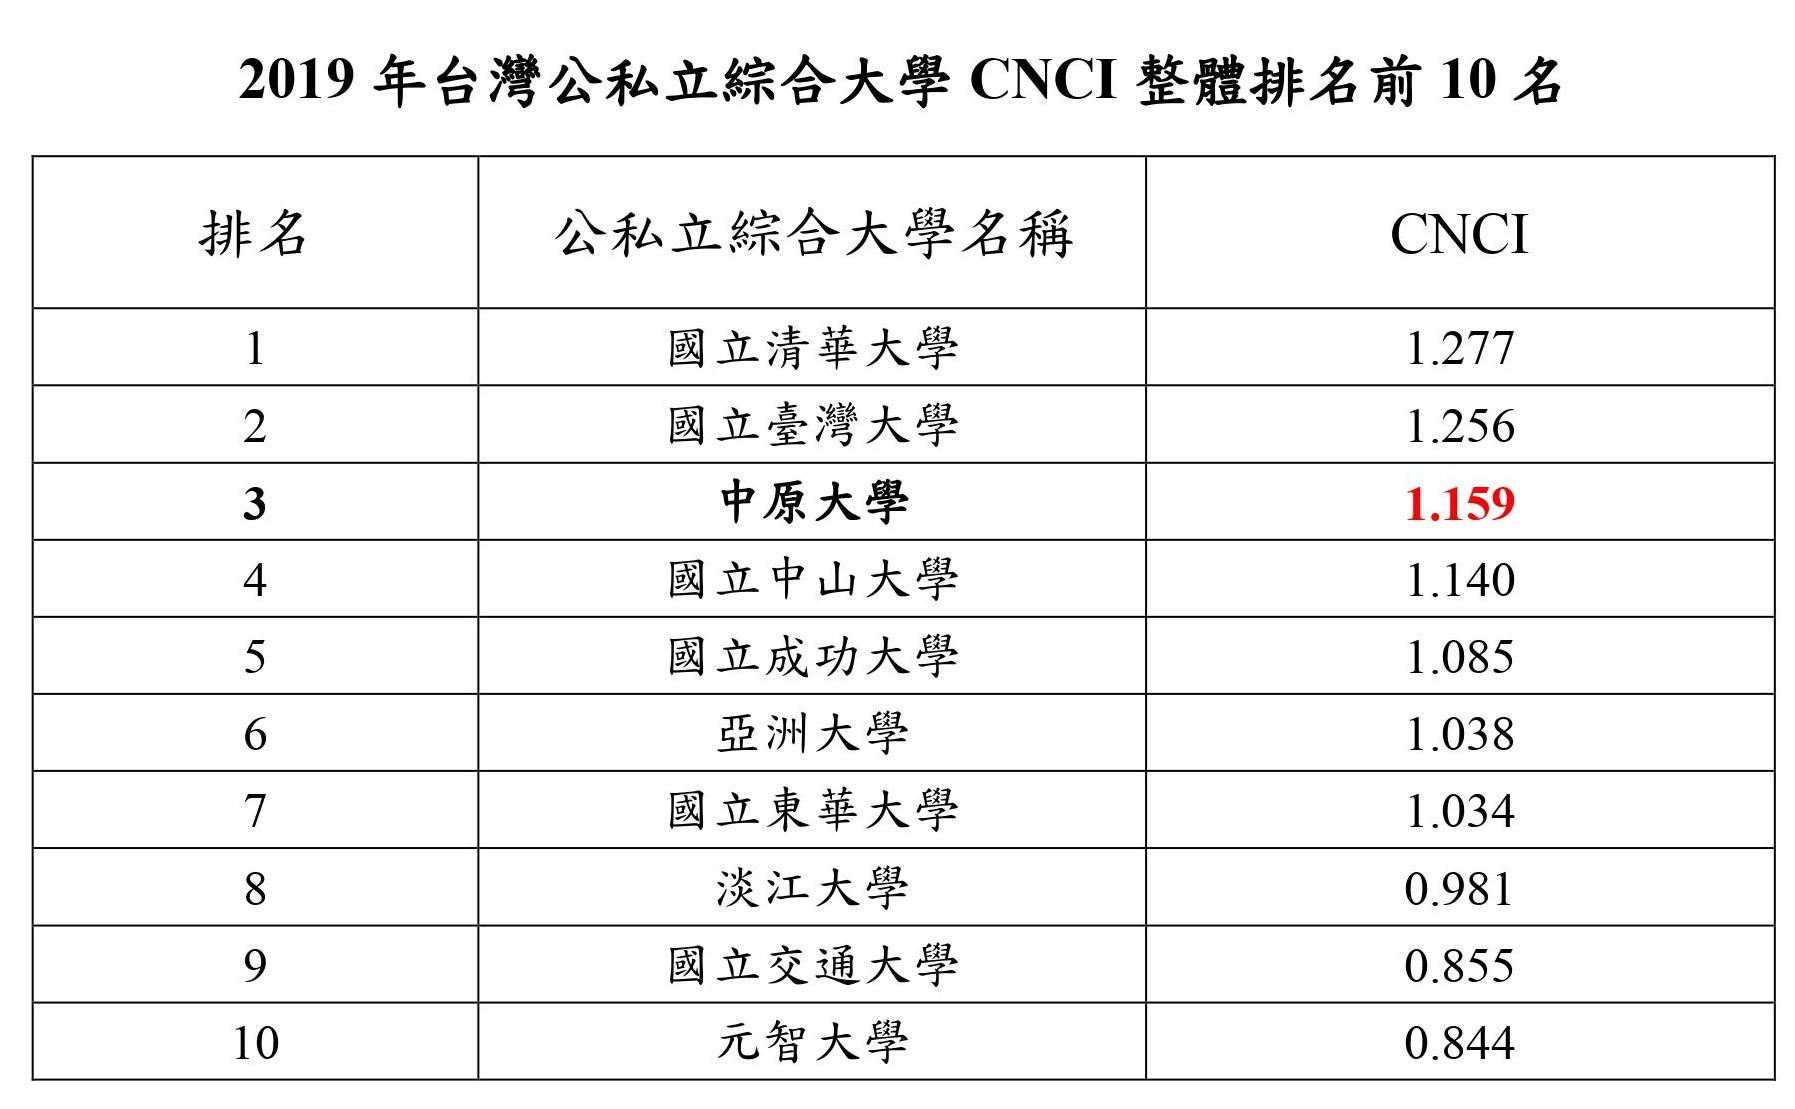 2019年台灣公私立綜合大學CNCI整體排名前10名.jpg